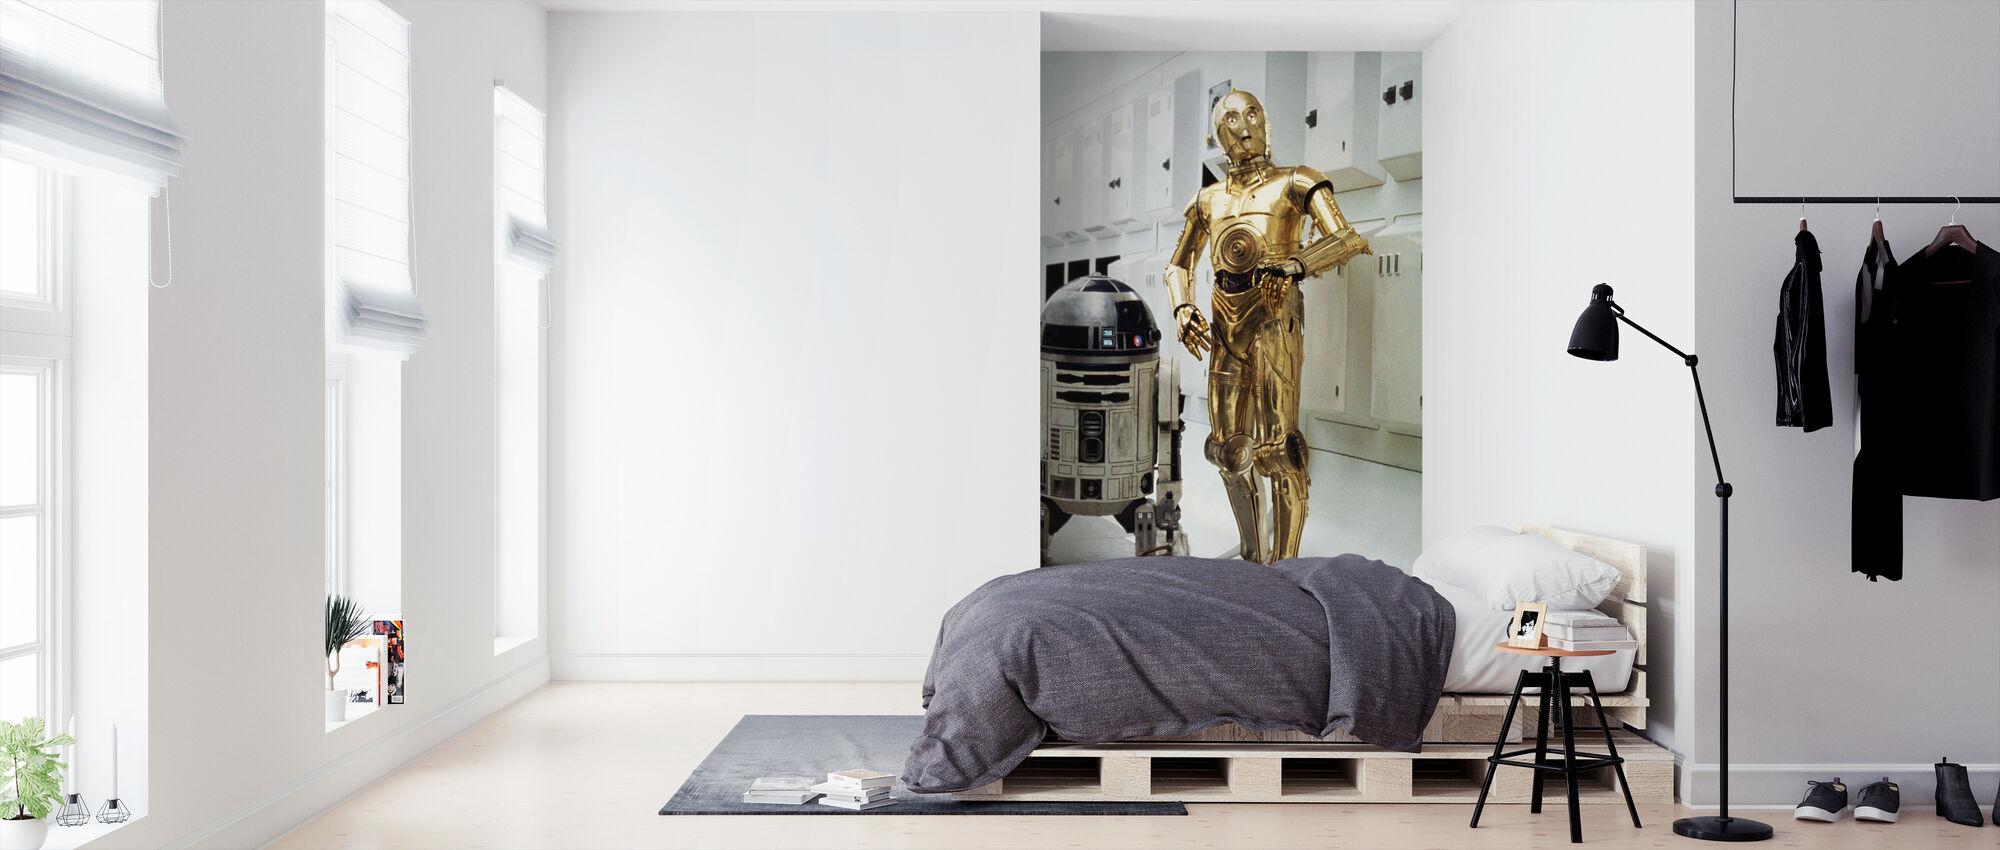 Stjärnornas krig - R2-D2 och C-3PO Interiörer - Tapet - Sovrum